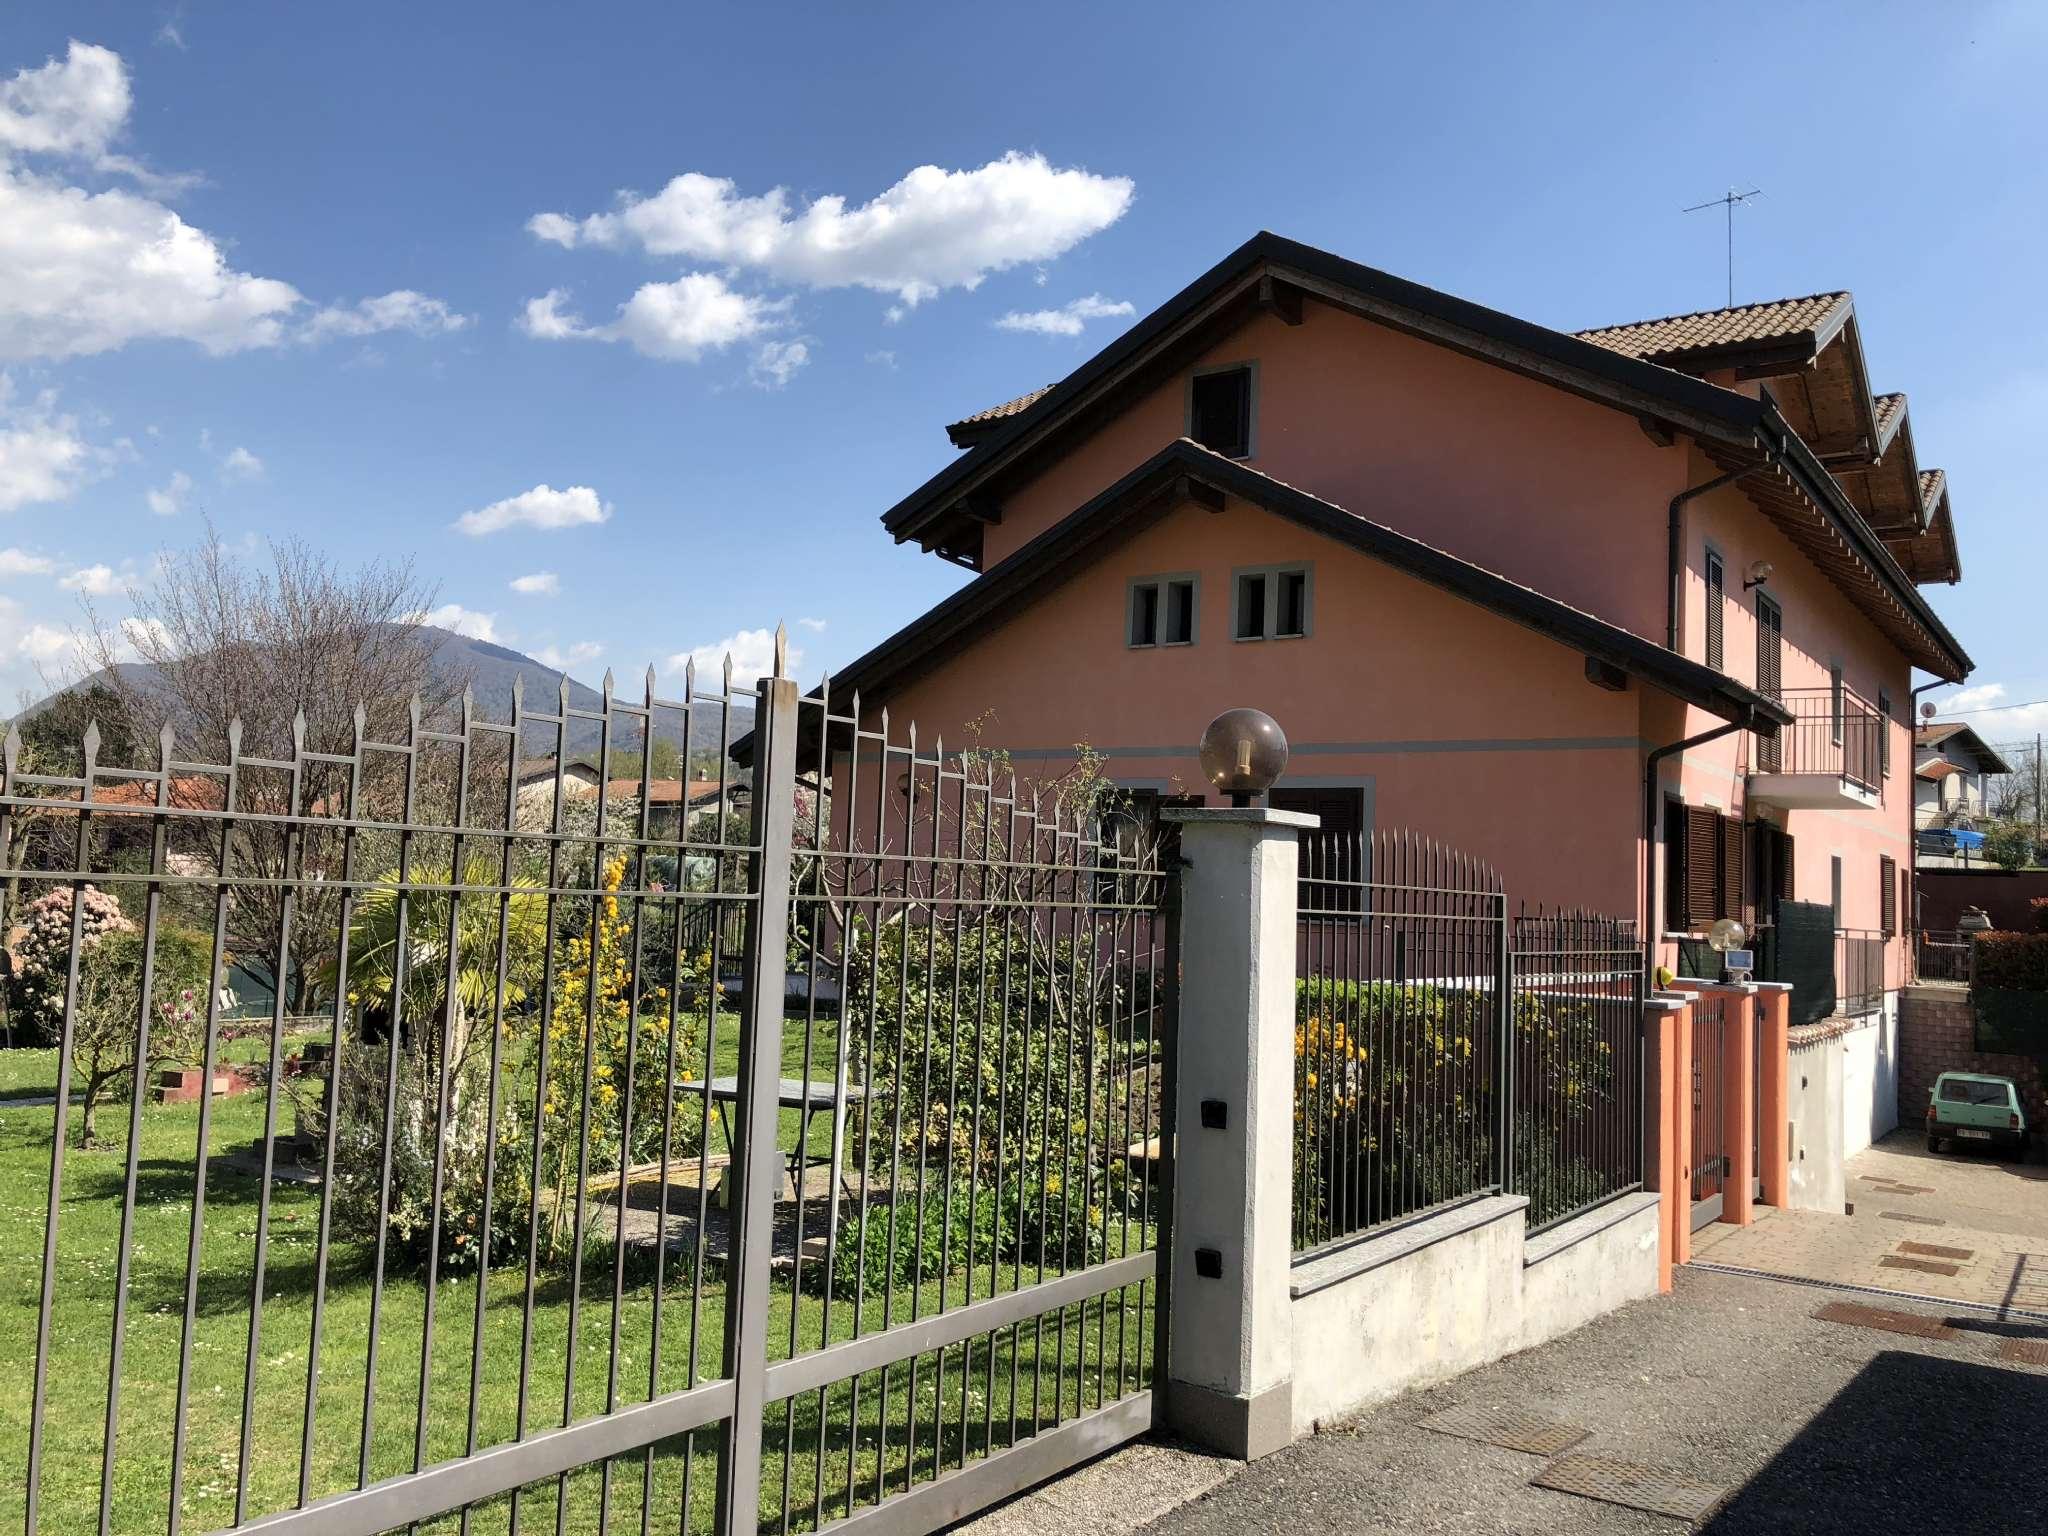 Appartamento in affitto a Cittiglio, 2 locali, prezzo € 400 | CambioCasa.it